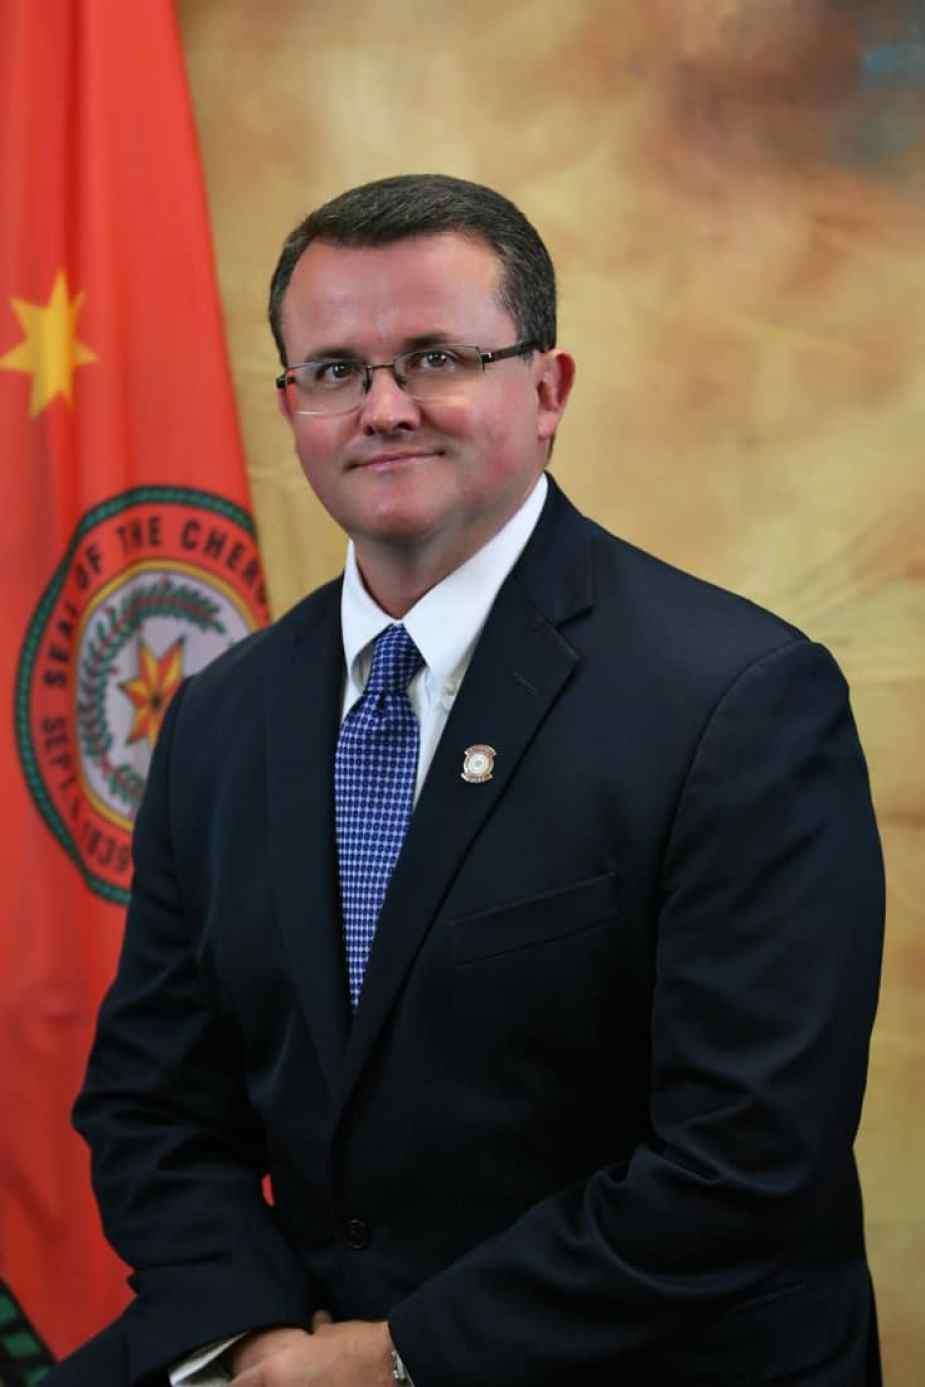 Todd Hembree